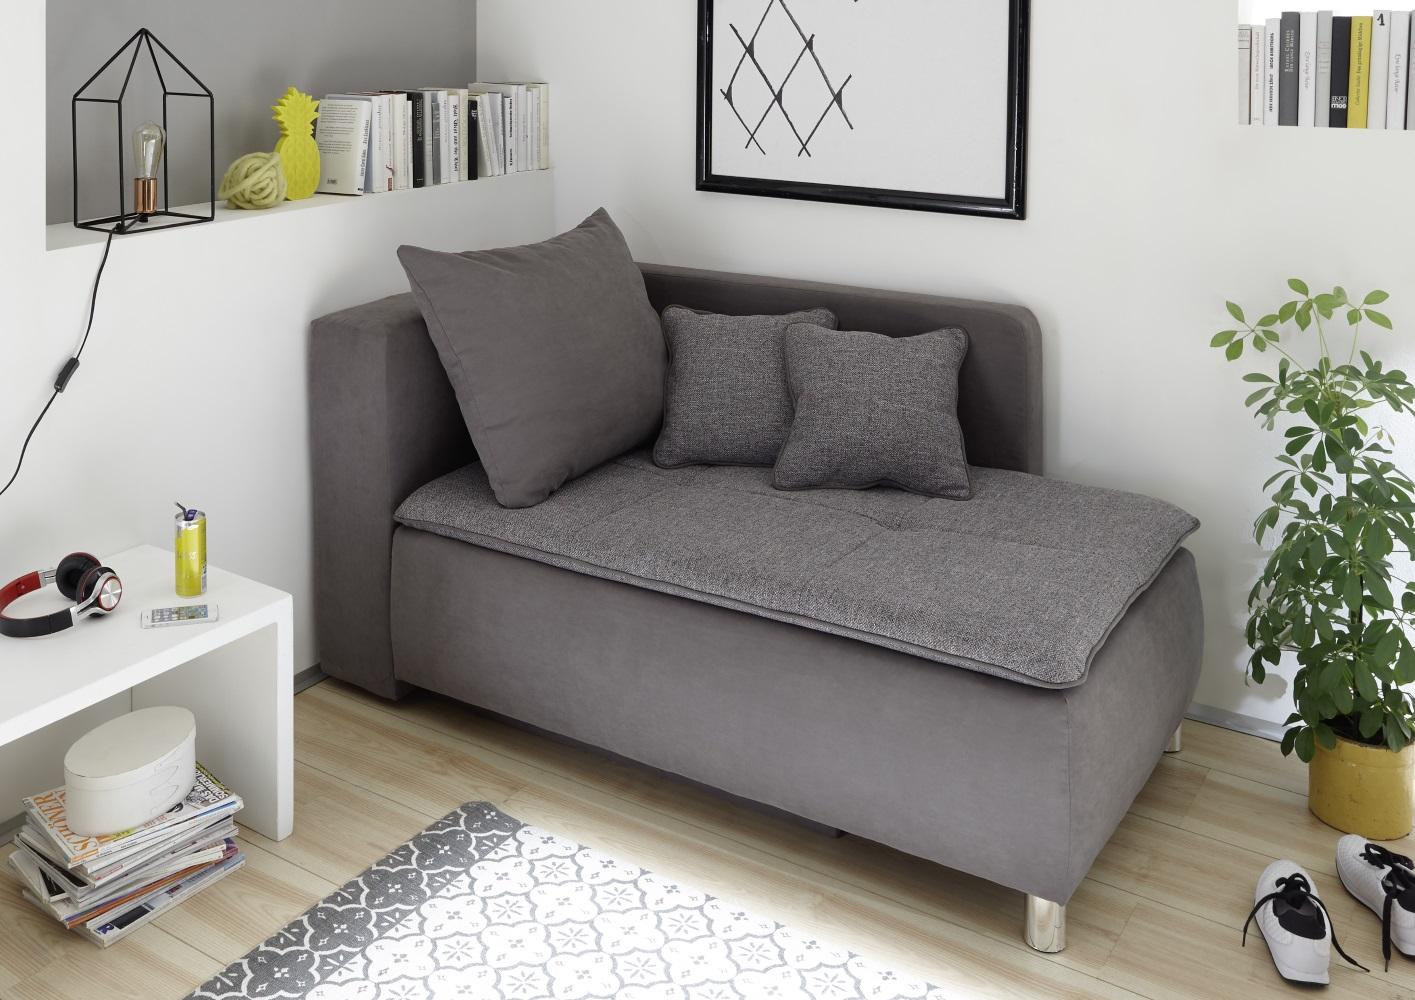 Full Size of Wohnzimmer Liege Ikea Designer Liegestuhl Moderne Liegen Liegesessel Stylische Elektrisch Suche Rund Weiss Verstellbar Sofa Marilyn Recamiere Relaxen Grau Wohnzimmer Wohnzimmer Liege